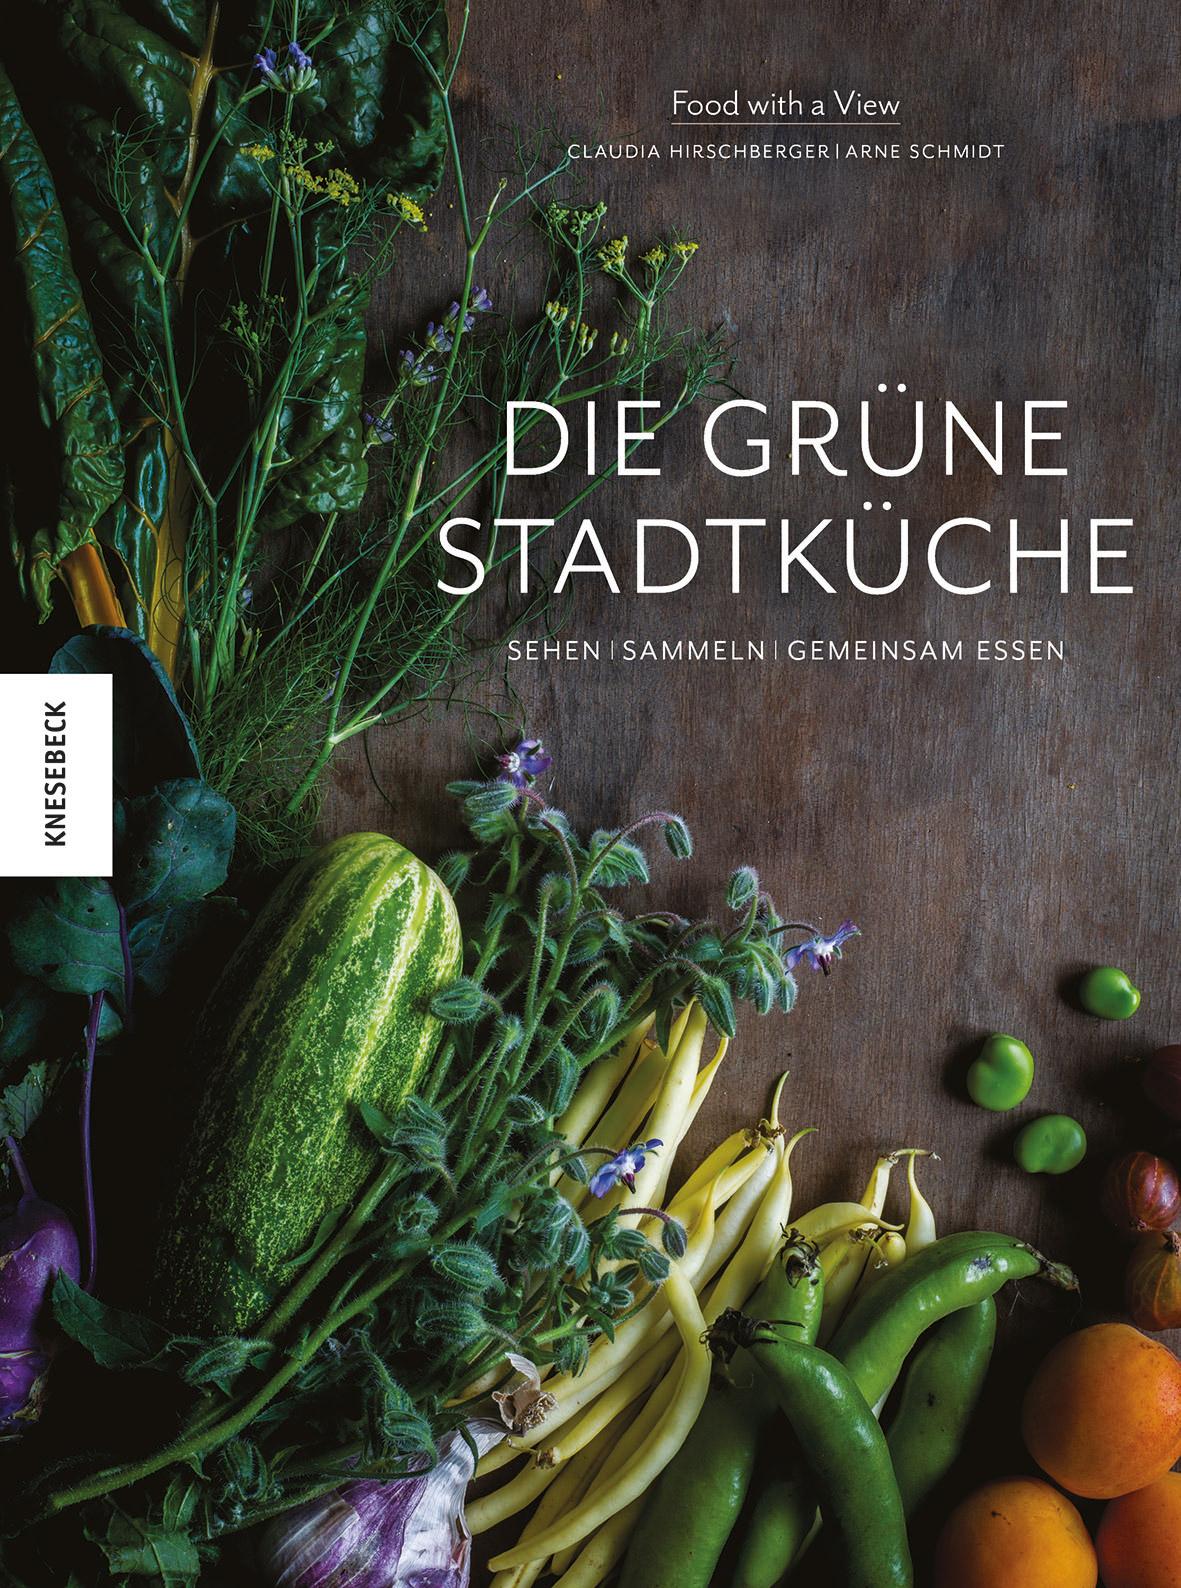 »Die grüne Stadtküche« Sehen, sammeln, gemeinsam essen, Das Cover des Buches von Claudia Hirschberger, Arne Schmidt Food with a view, Knesebeck Verlag 2017